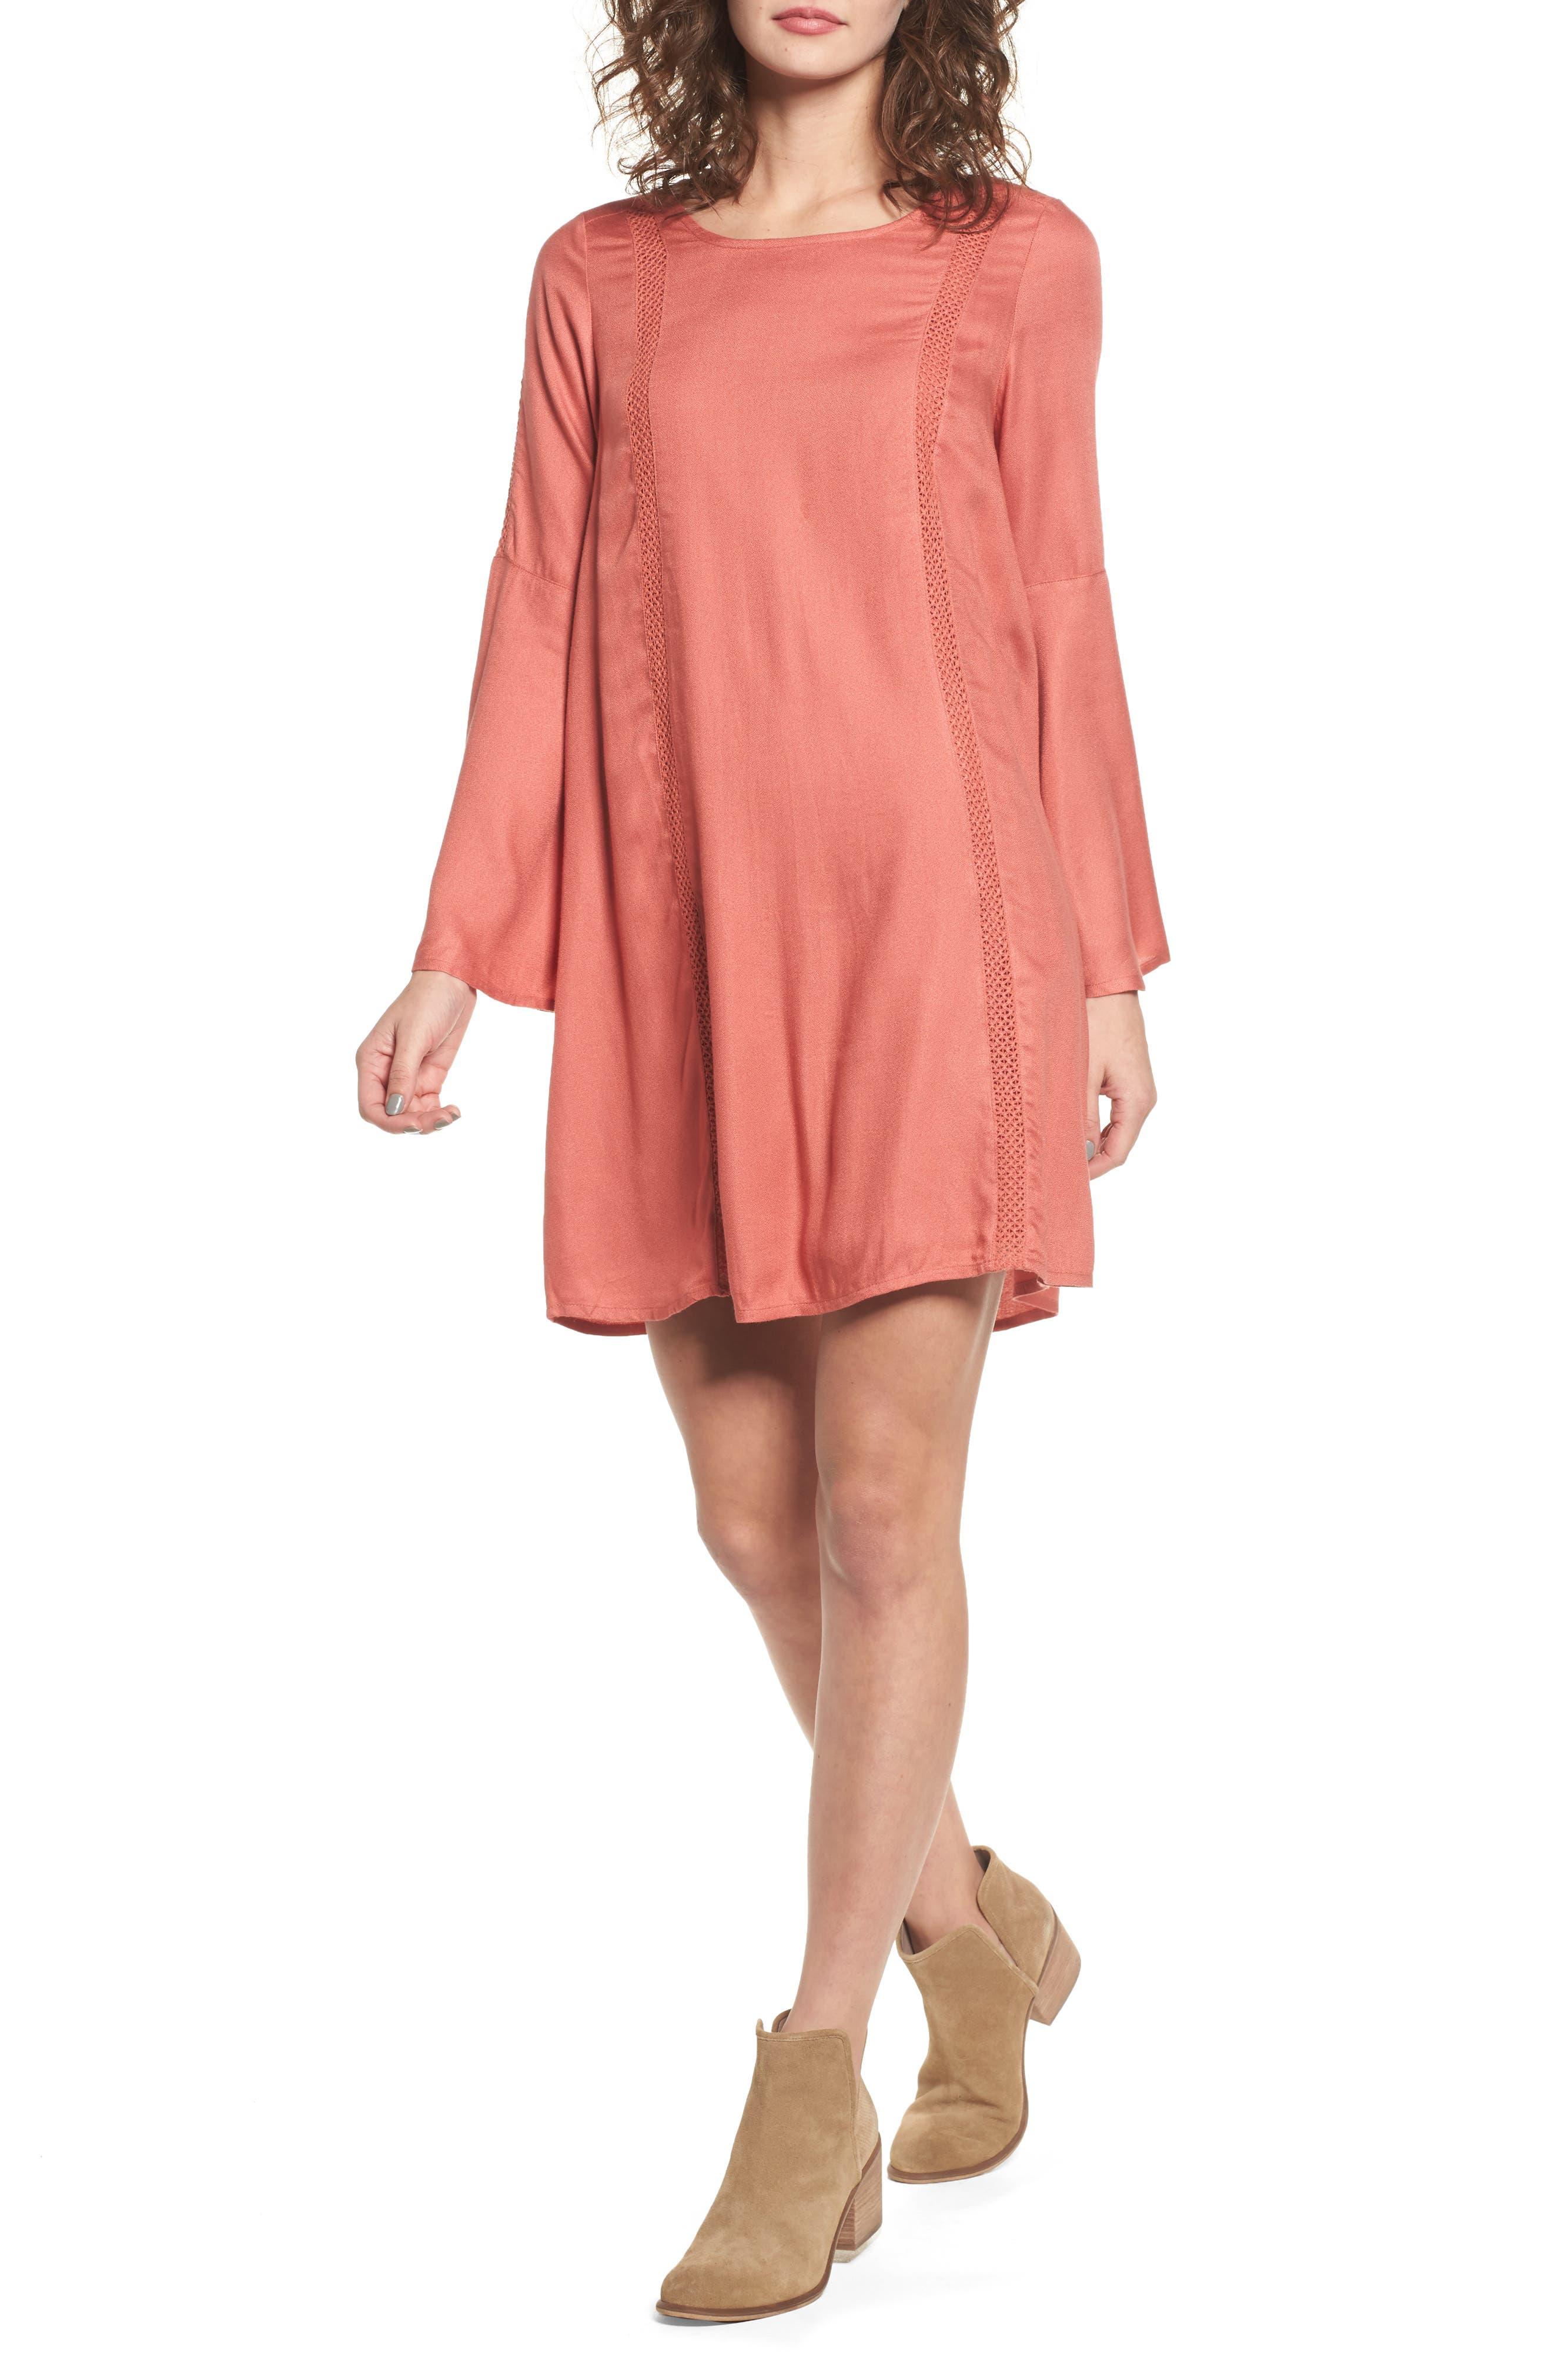 Main Image - Roxy East Coast Dreamer Dress